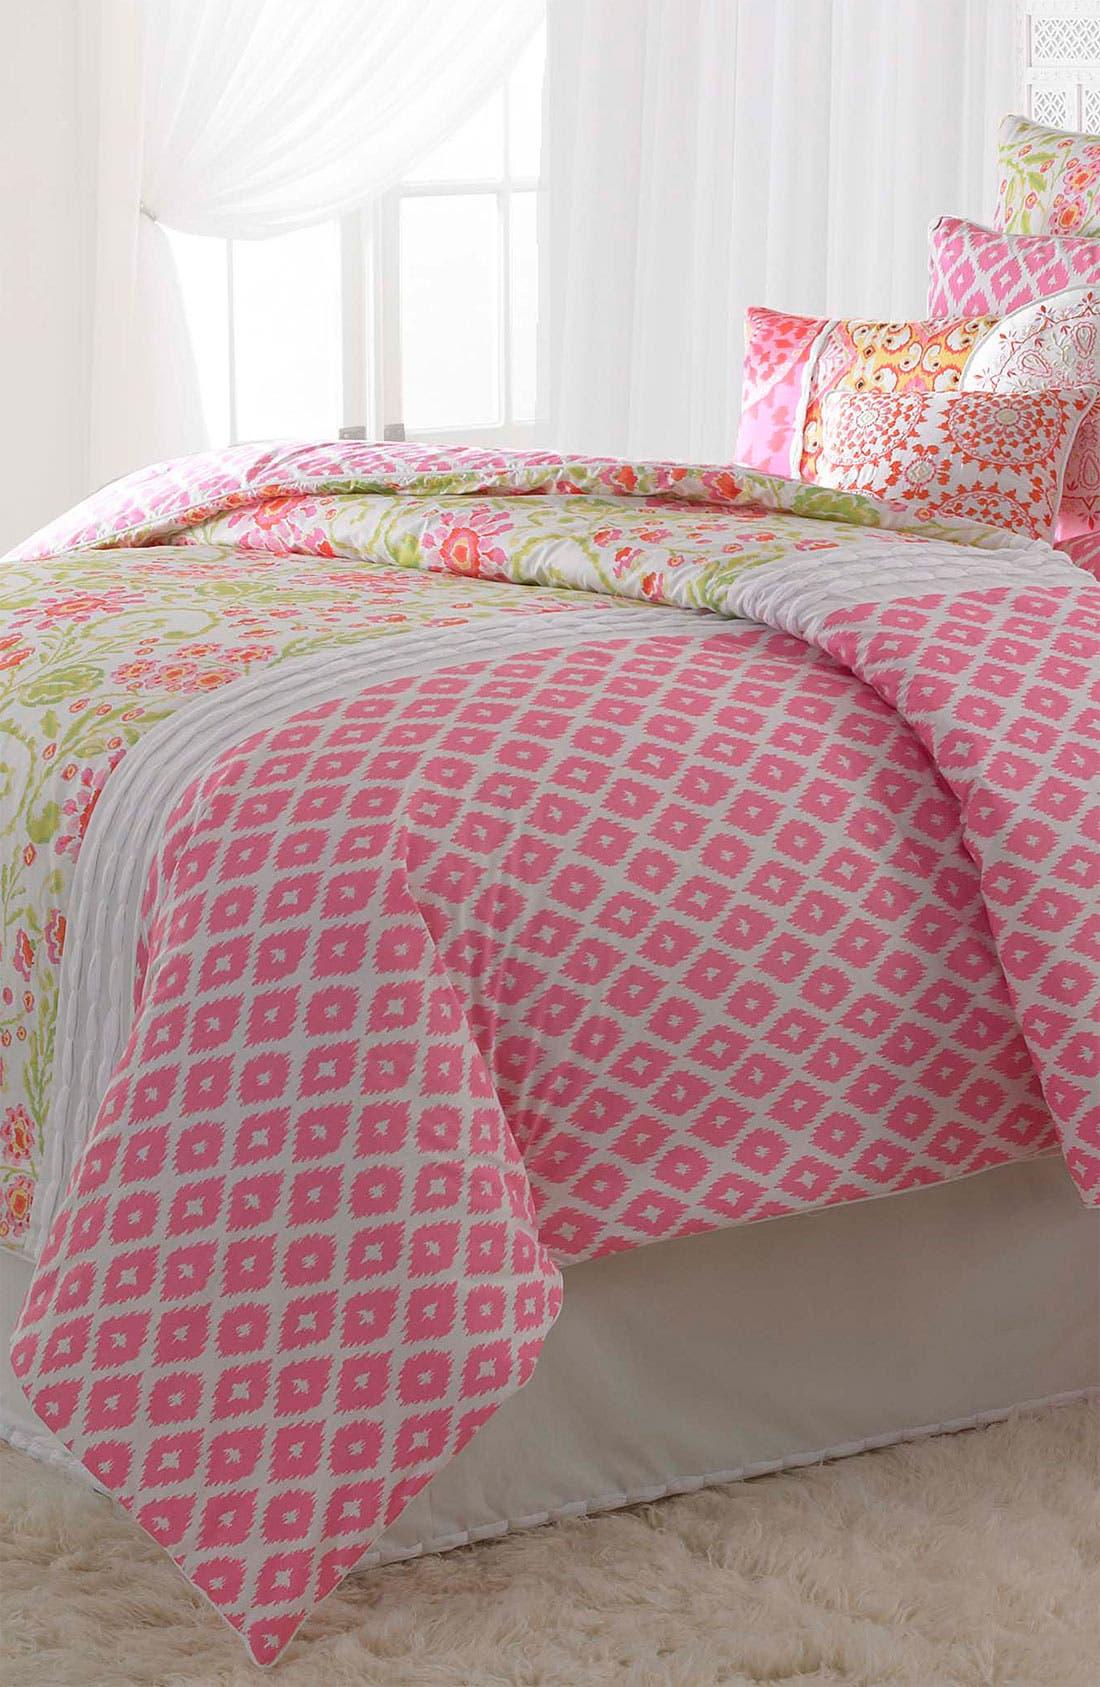 Alternate Image 1 Selected - Dena Home 'Ikat Blossom' Comforter